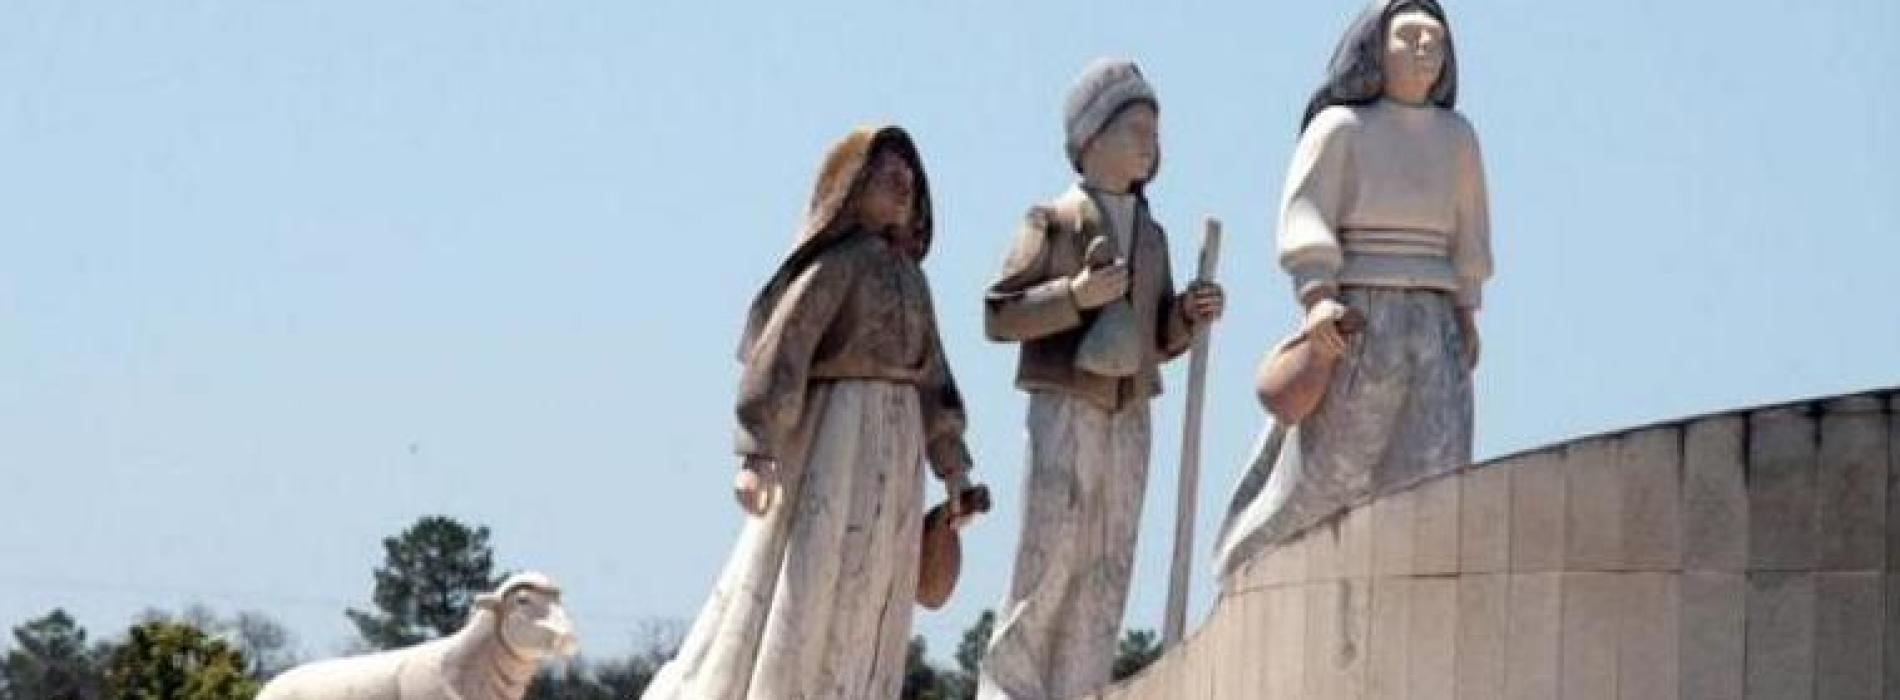 Indagine su Fatima. A Napoli esperti a confronto